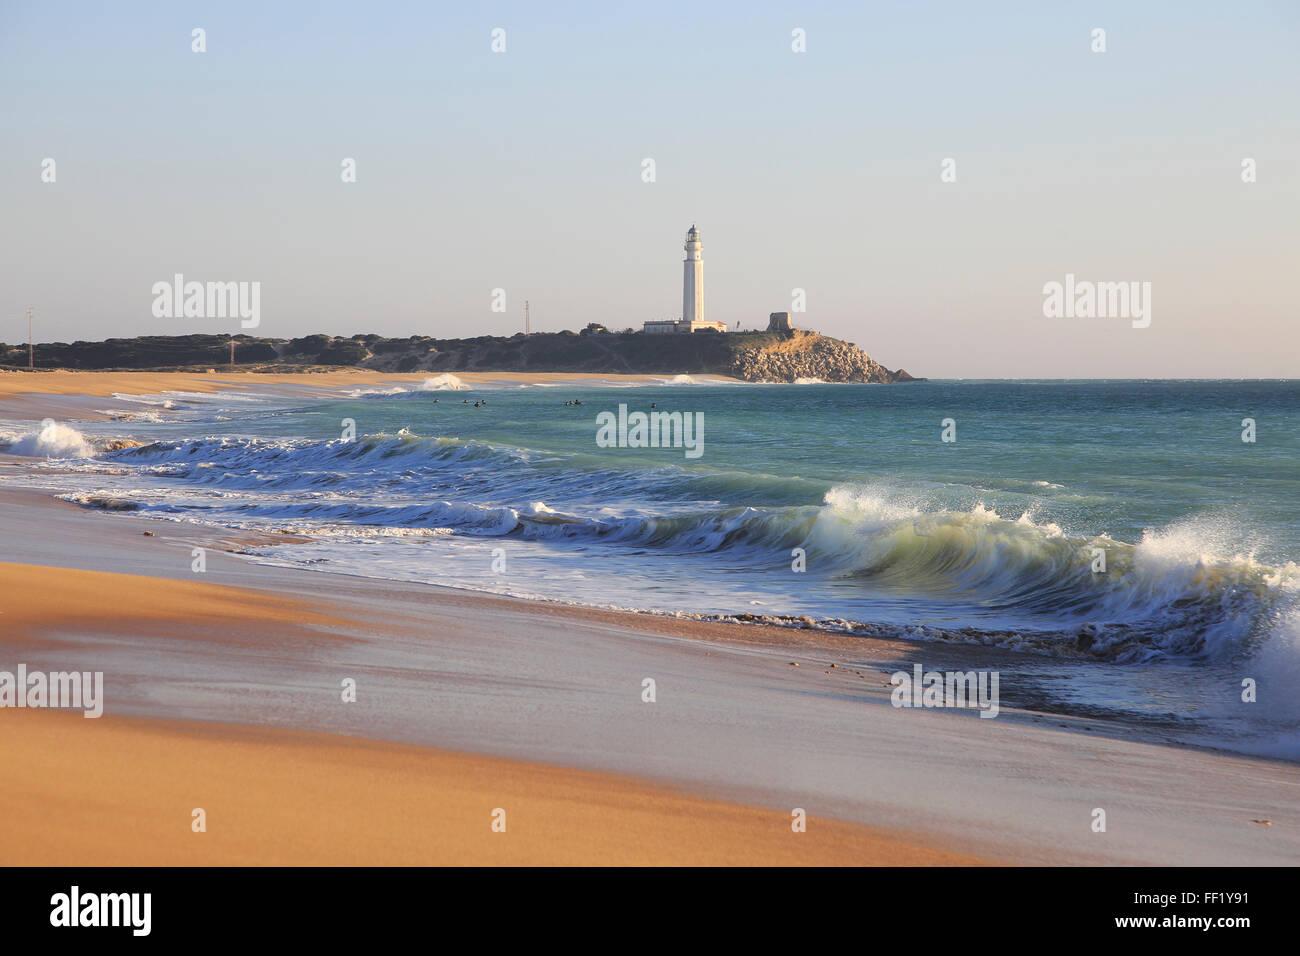 Plage de sable fin et phare de Cabo de Trafalgar, Province de Cadix, Espagne Banque D'Images